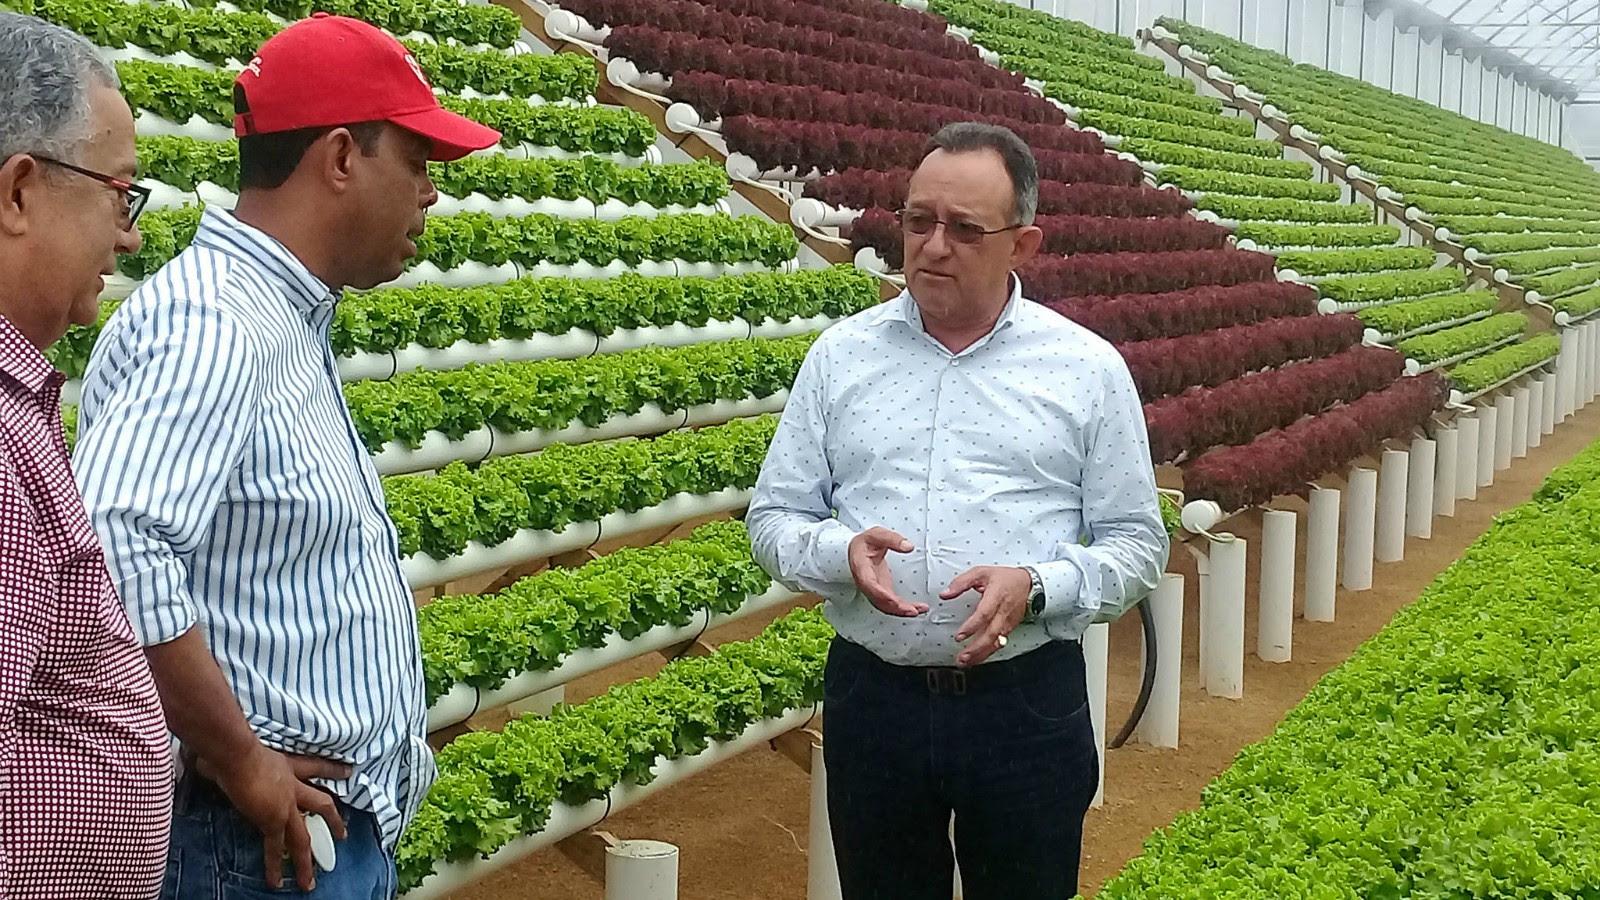 , Implementa medidas preventivas para garantizar producción de vegetales en Rancho Arriba